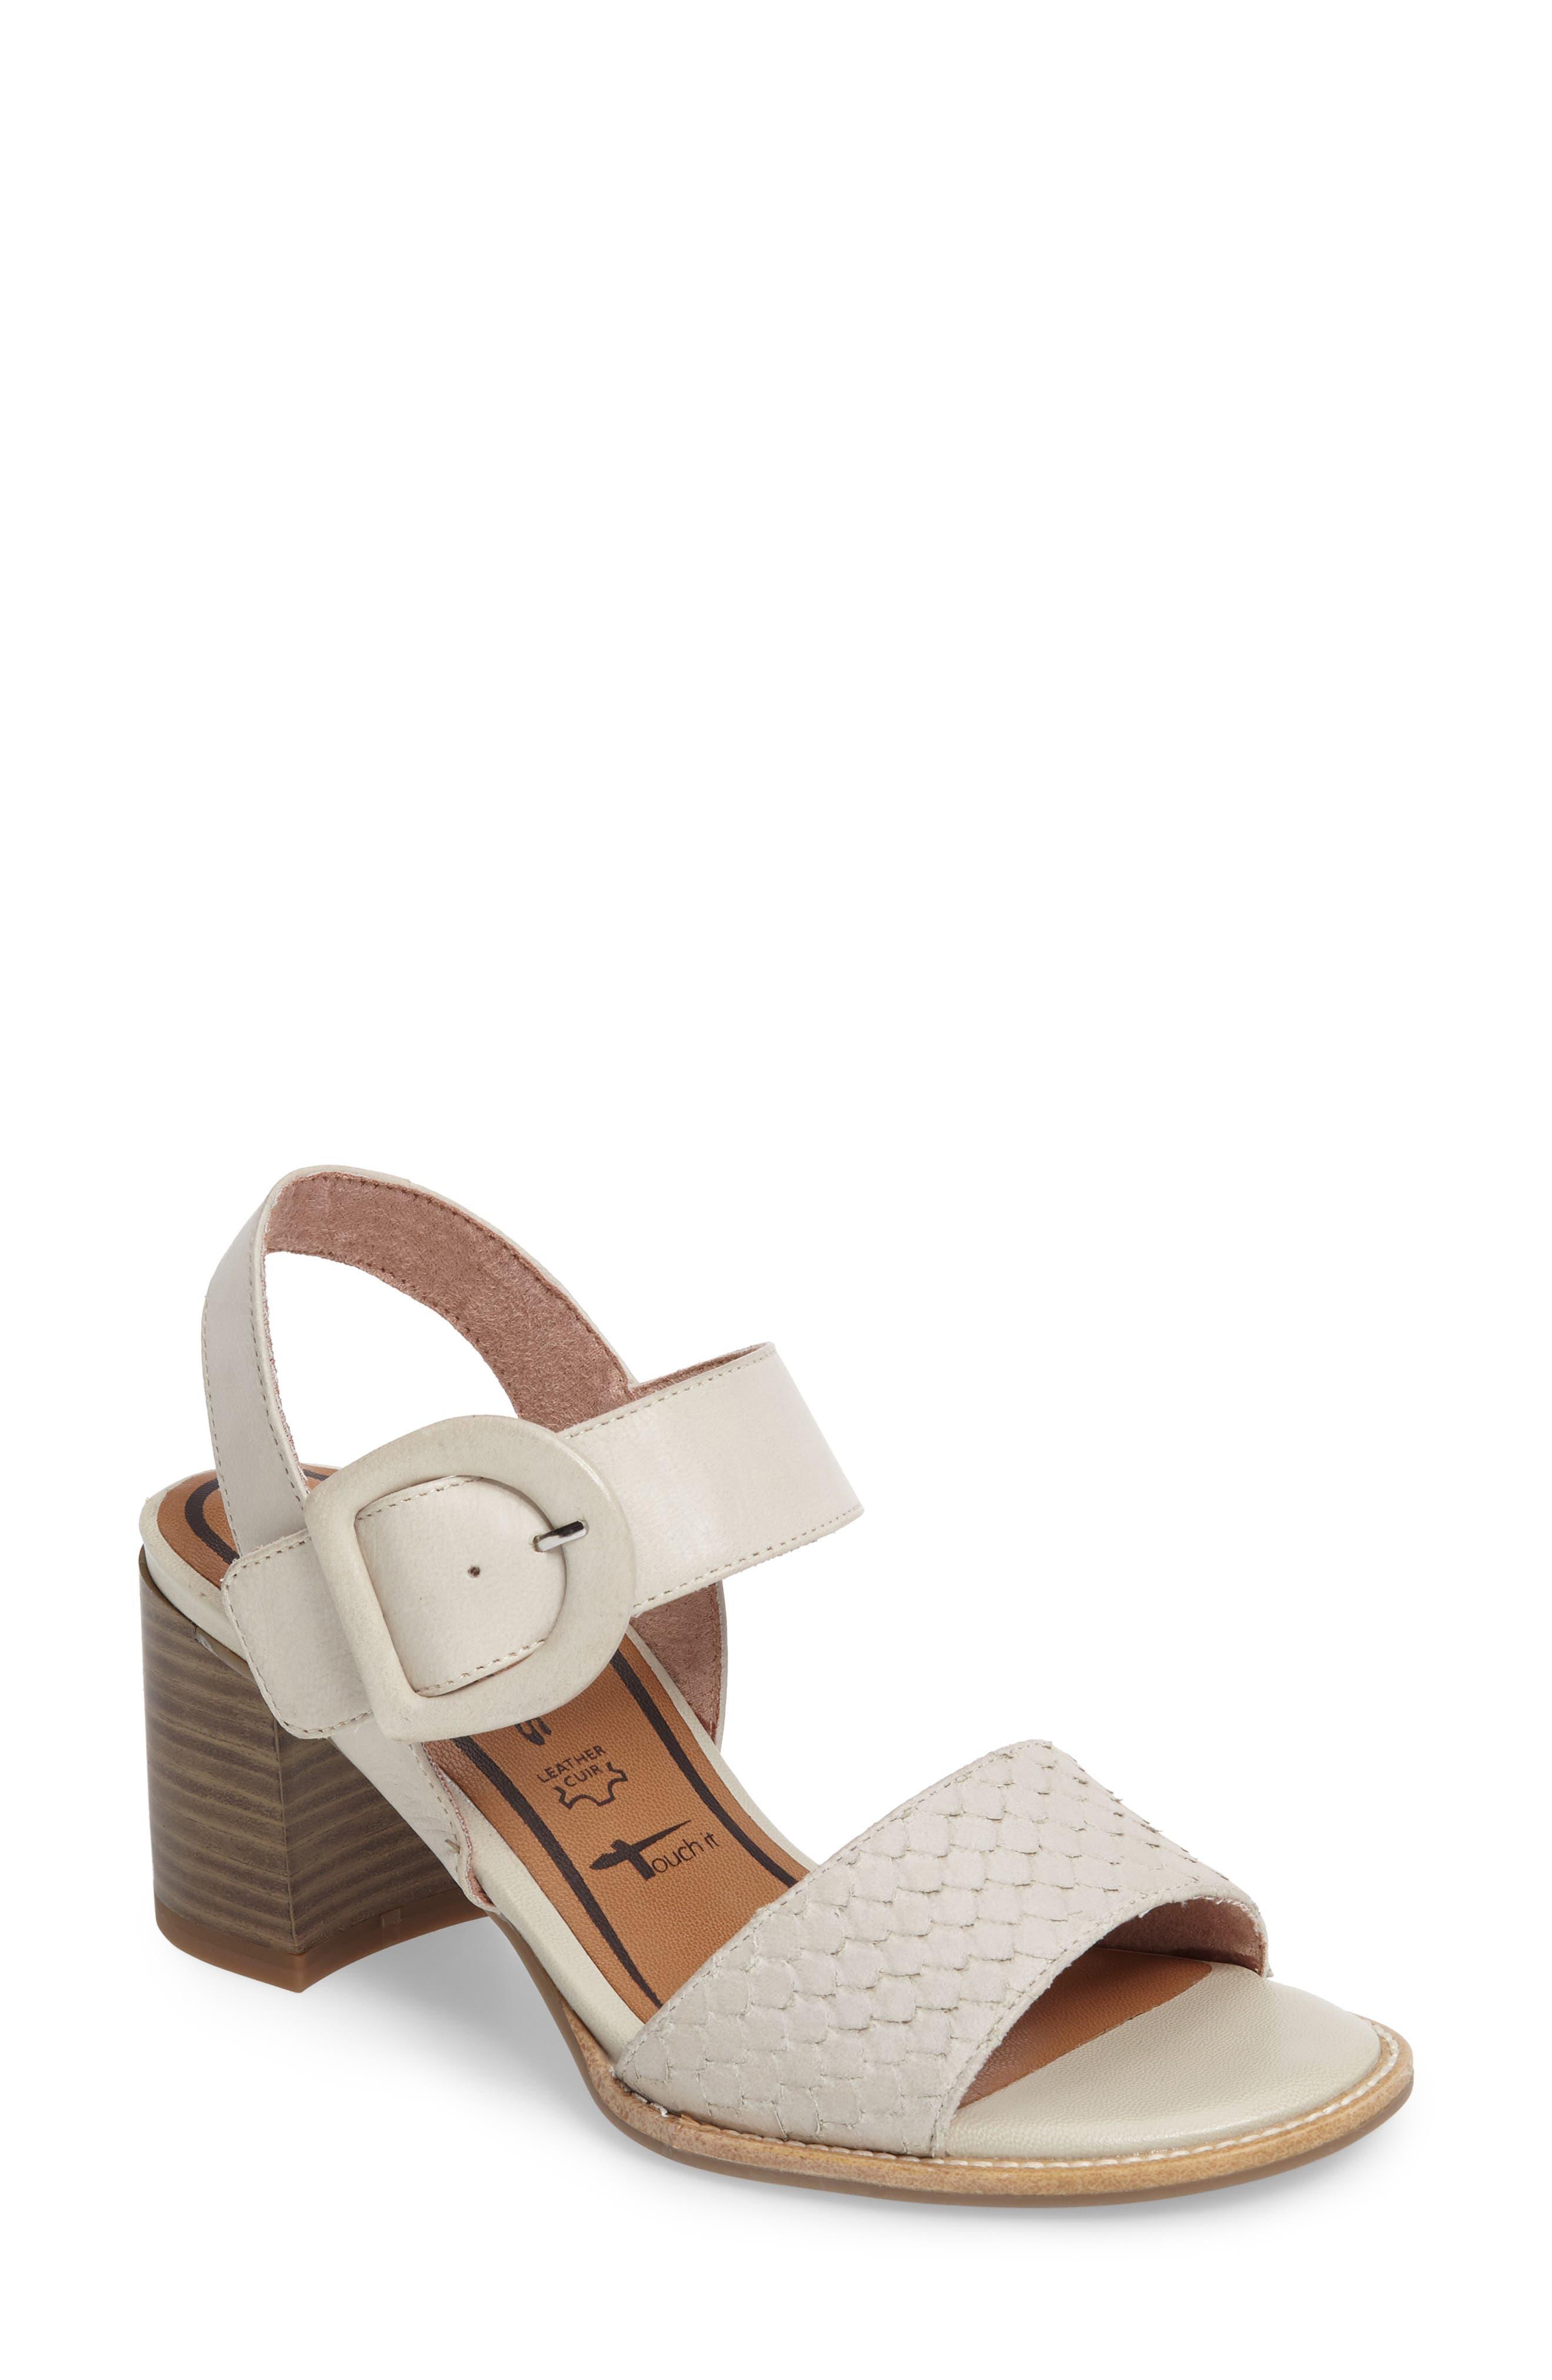 Alternate Image 1 Selected - Tamaris Danni Block Heel Sandal (Women)